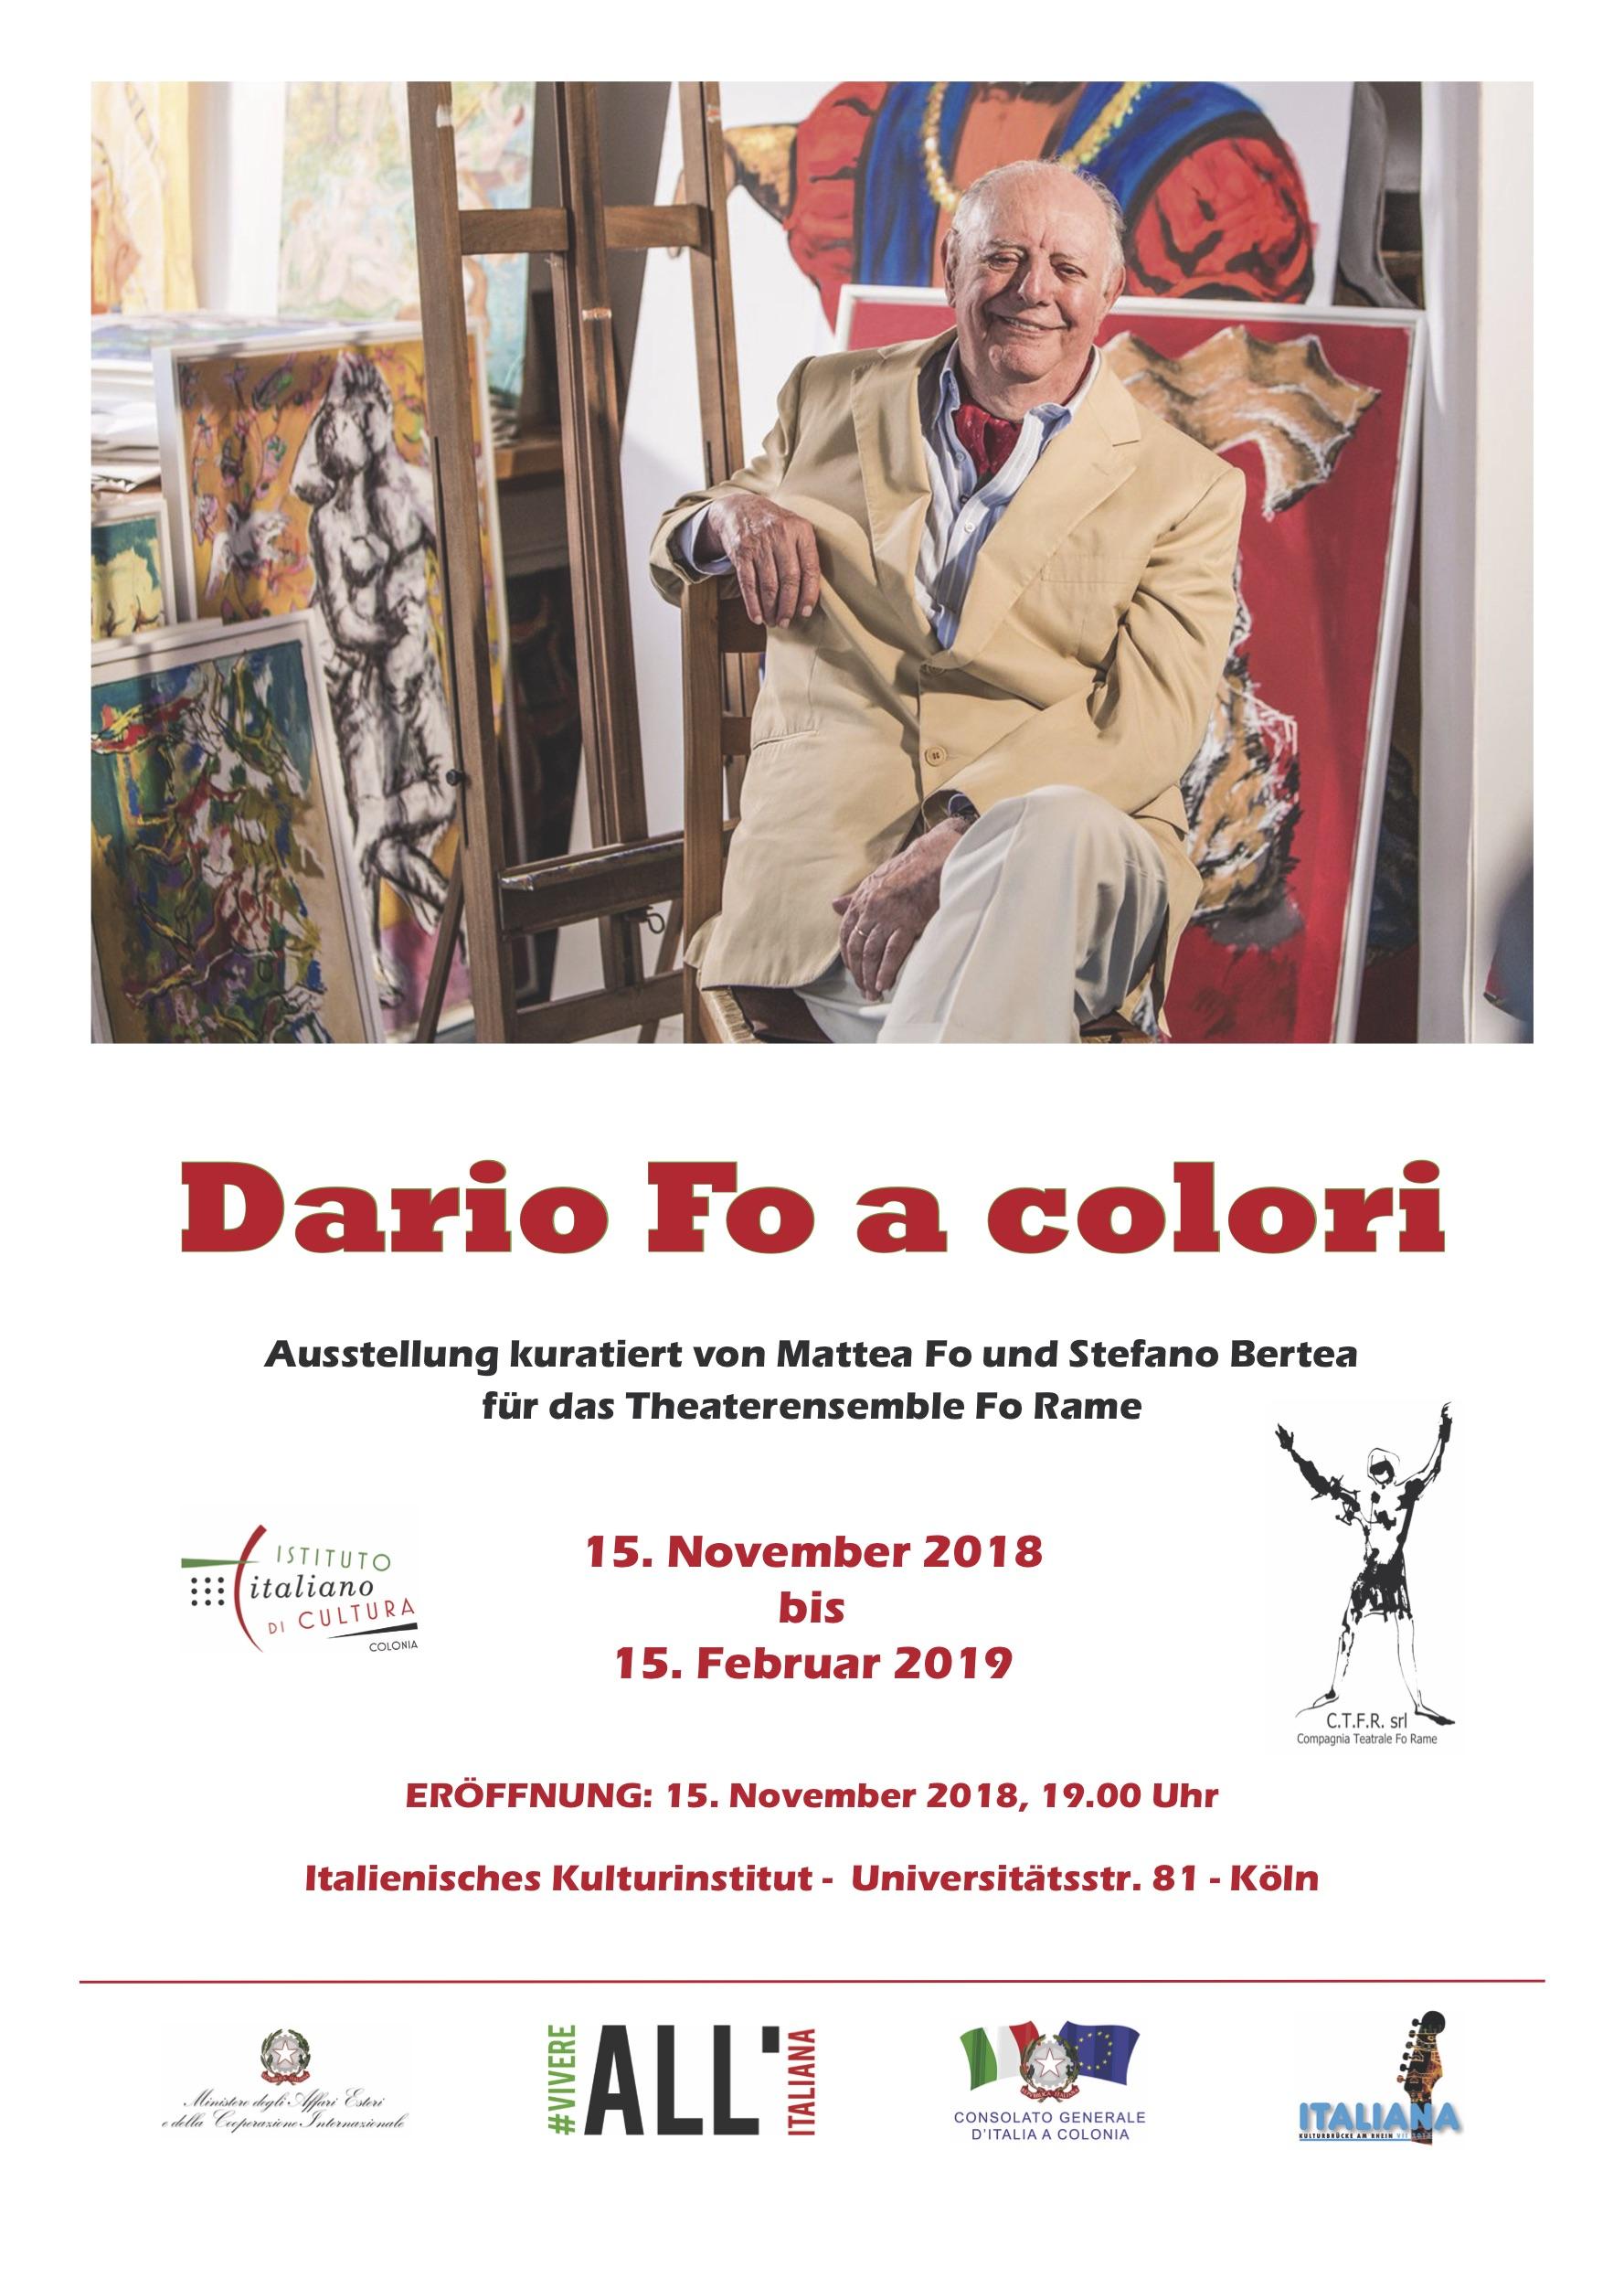 DARIO FO A COLORI - Le opere del Premio Nobel in mostra presso l'Istituto Italiano di Cultura di Colonia in Germania dal 15 novembre 2018 al 15 febbraio 2019